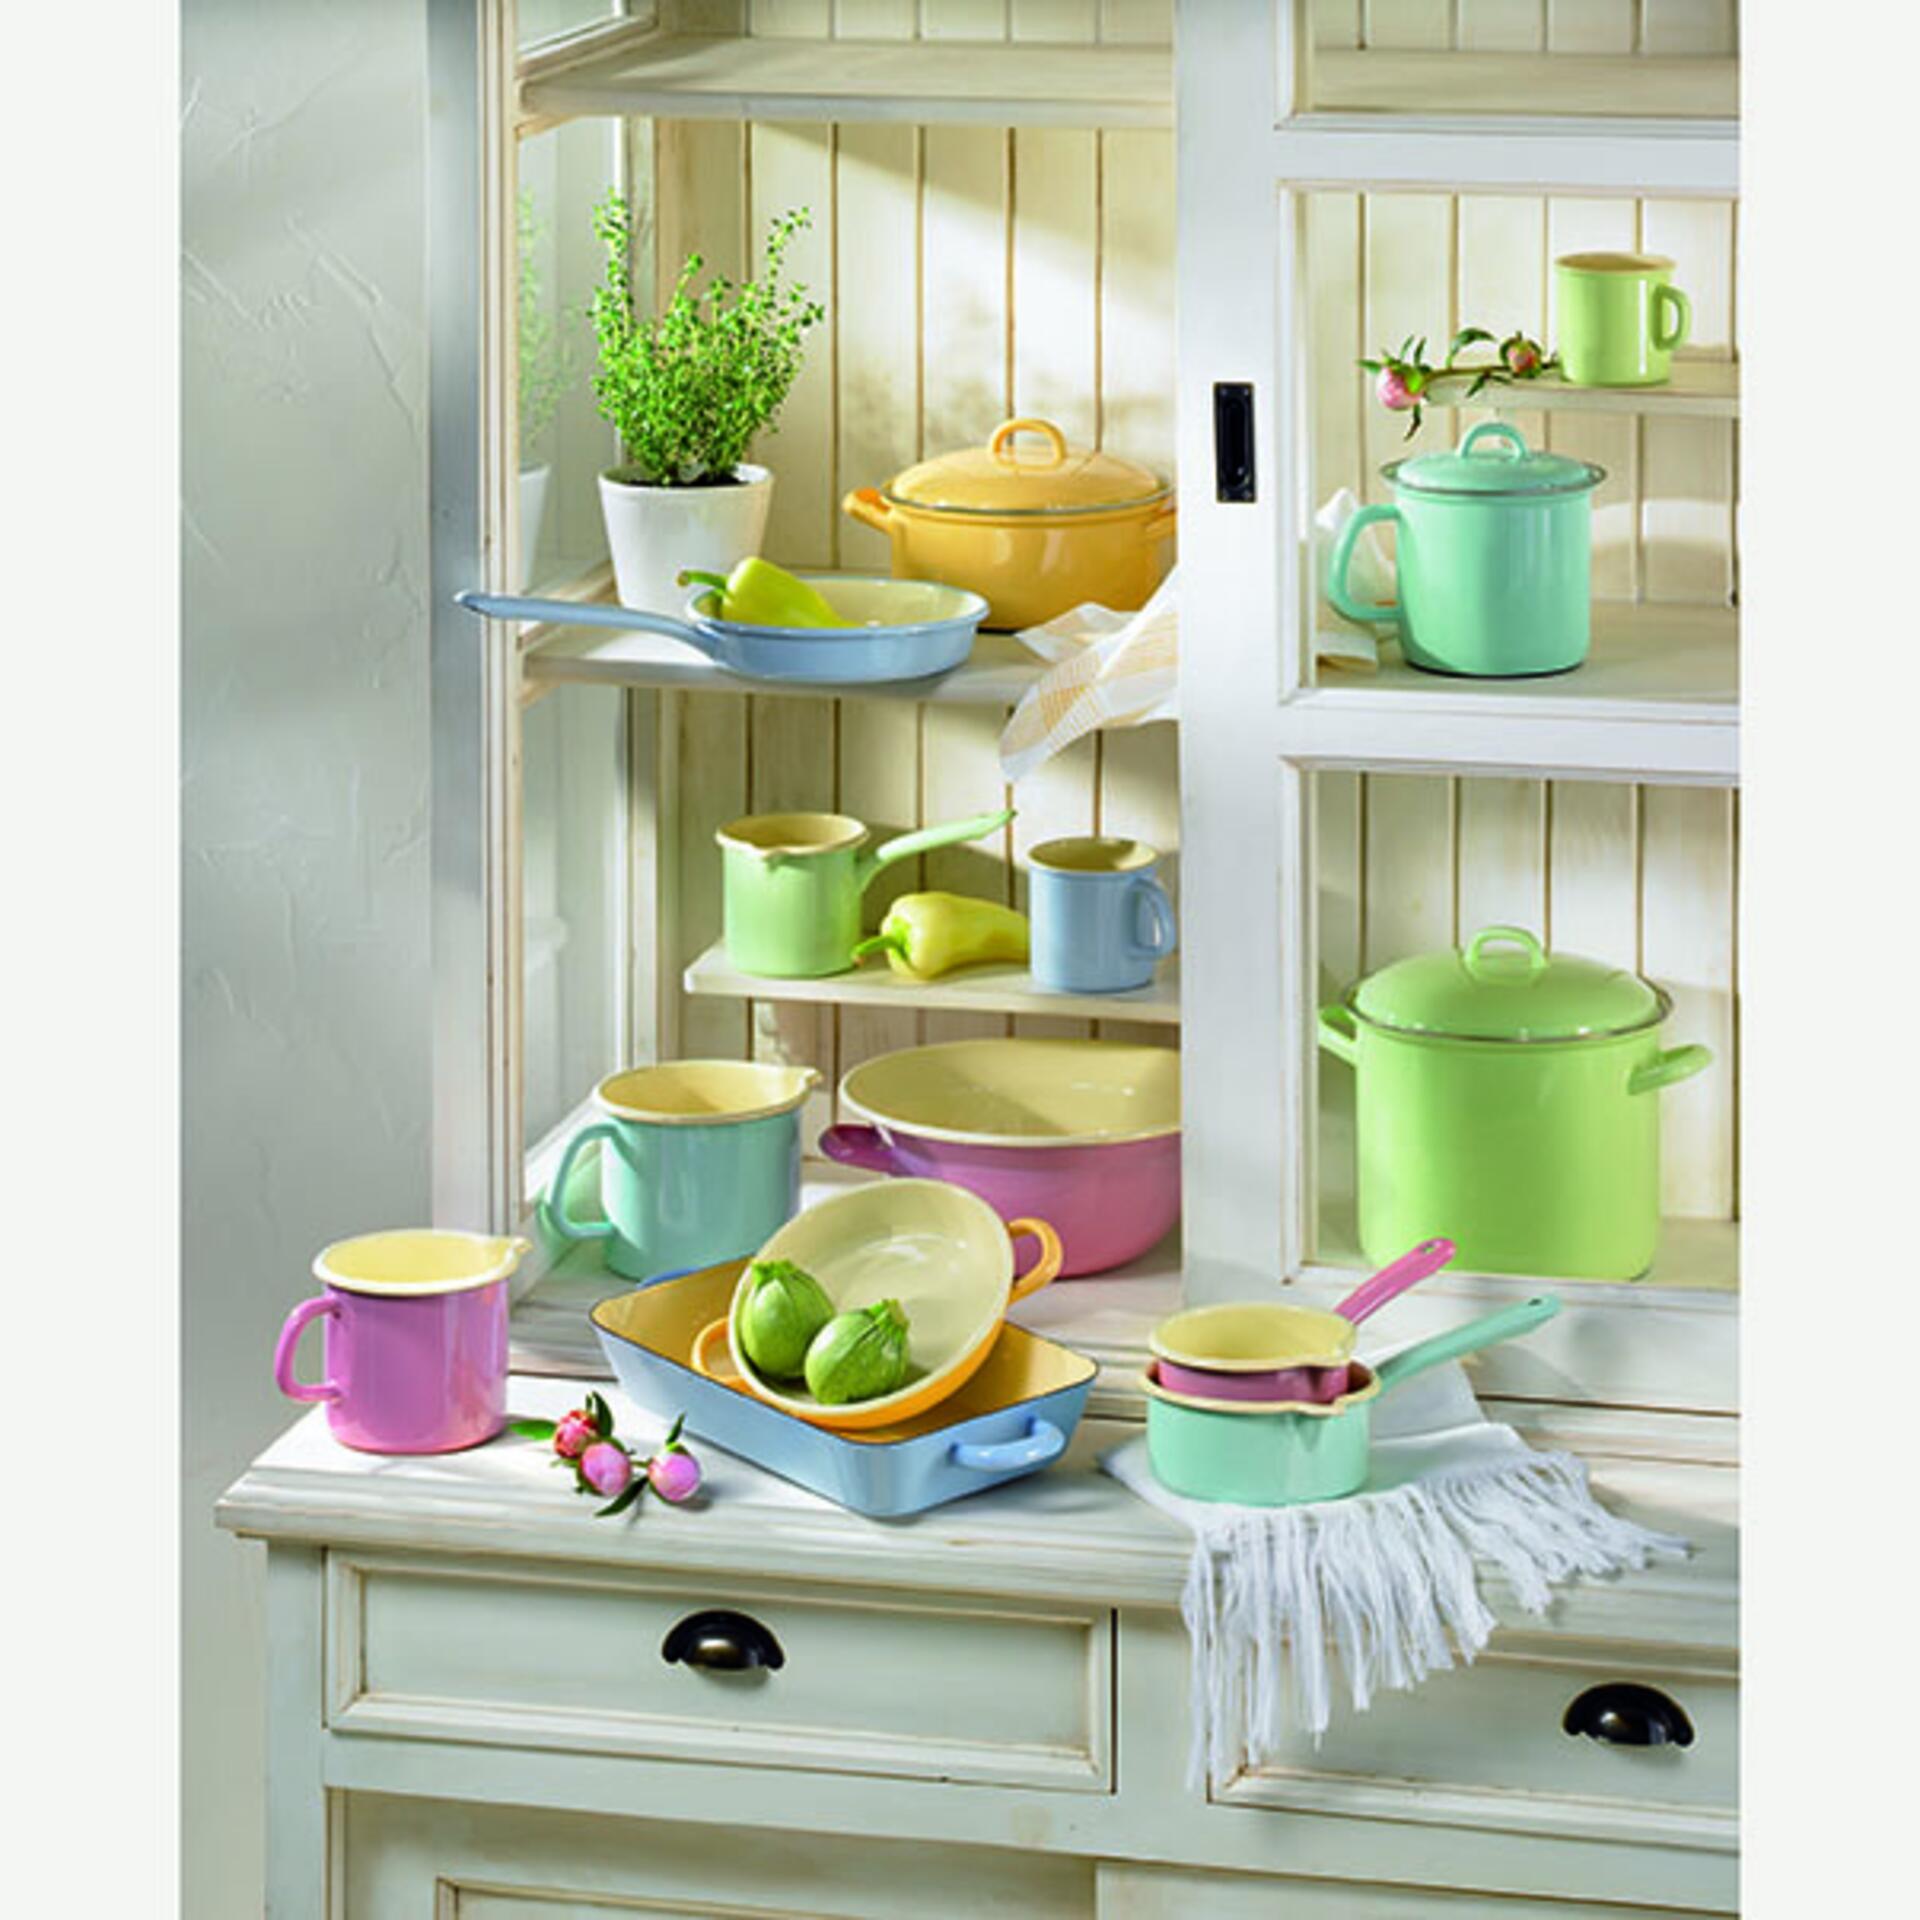 Riess Küchenschüssel 16 cm Gelb